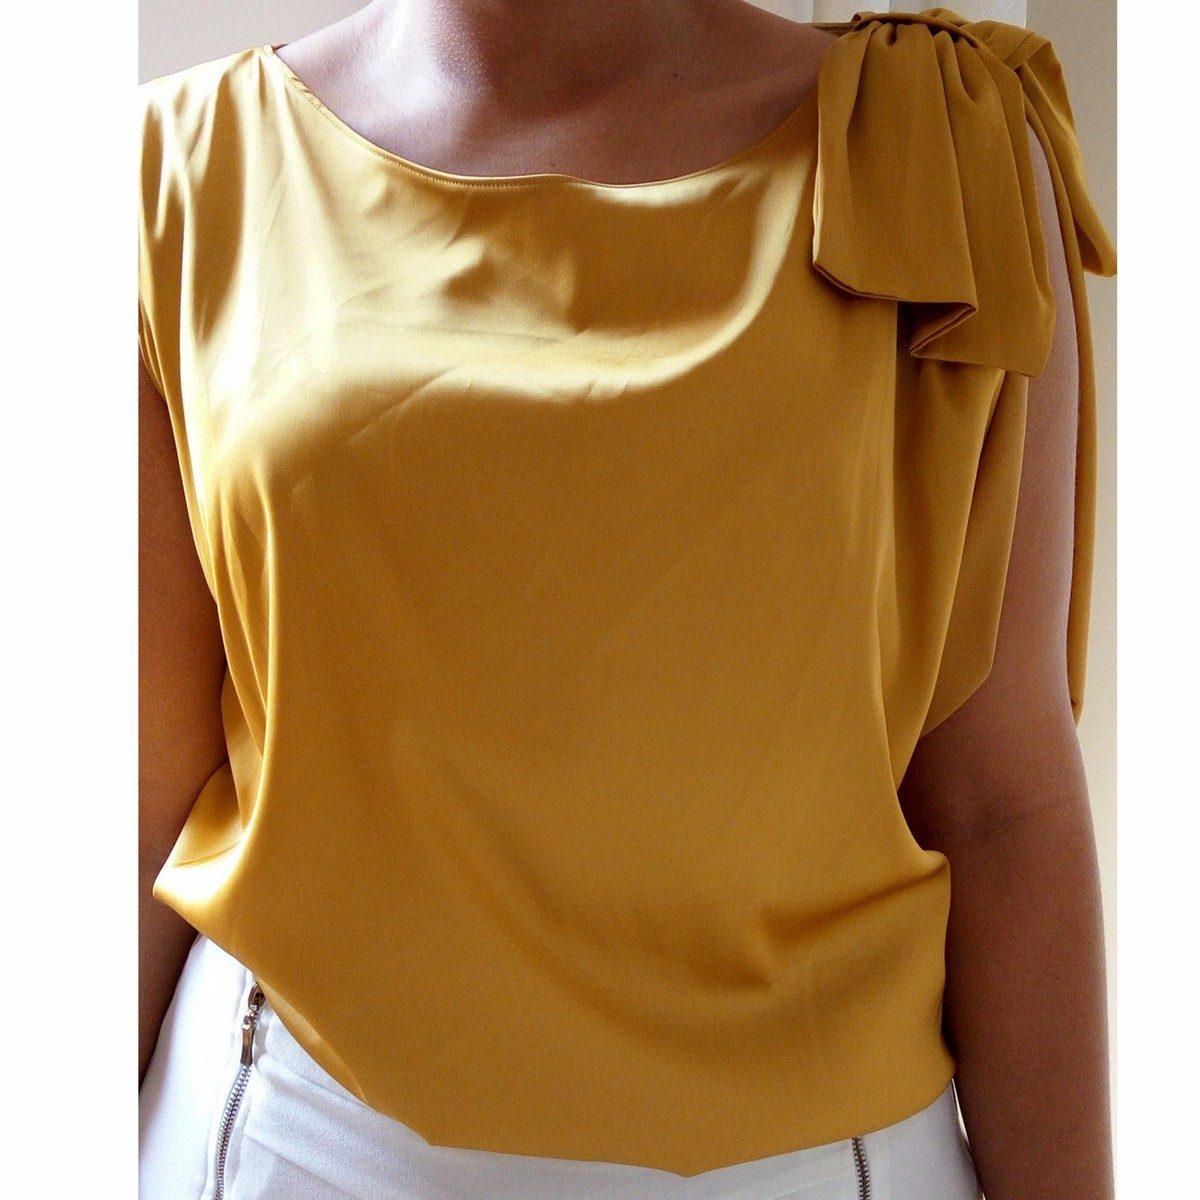 da3ec01f9 blusa festa cetim dourado elegante fresca e confortável. Carregando zoom.